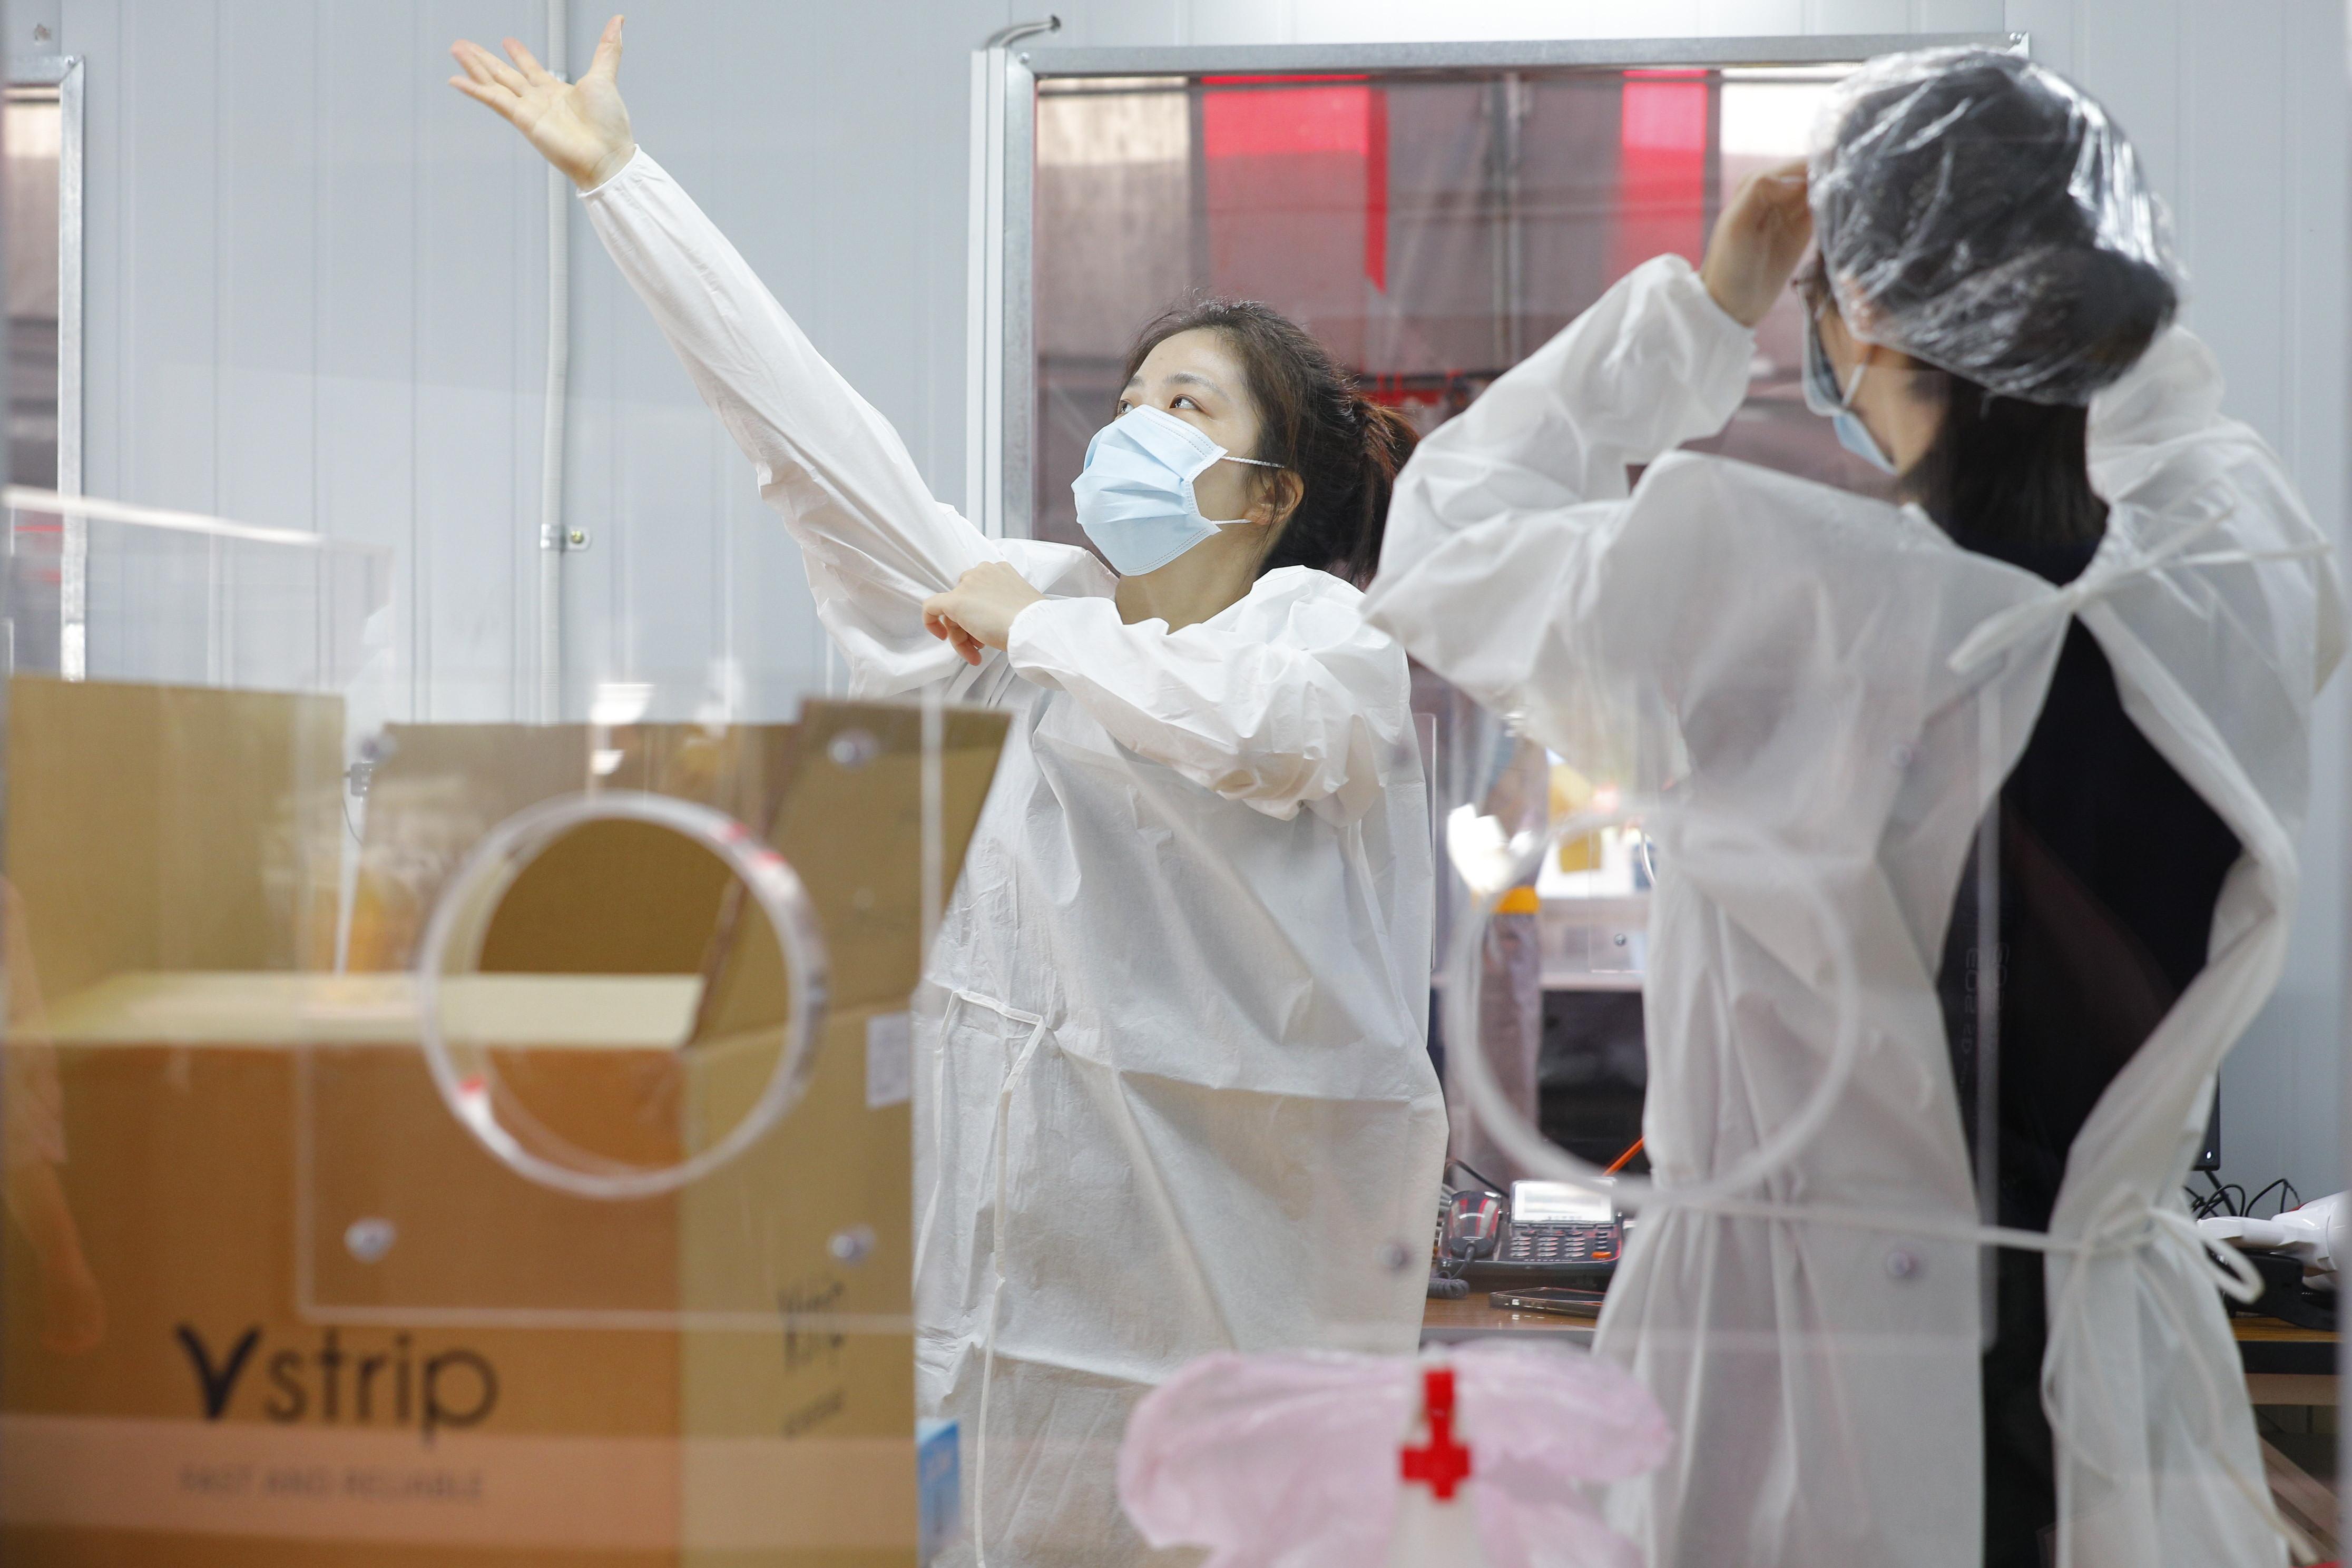 COVID-19,篩檢,死亡率,確診數,致死率,醫療,疾病,缺氧,血氧儀